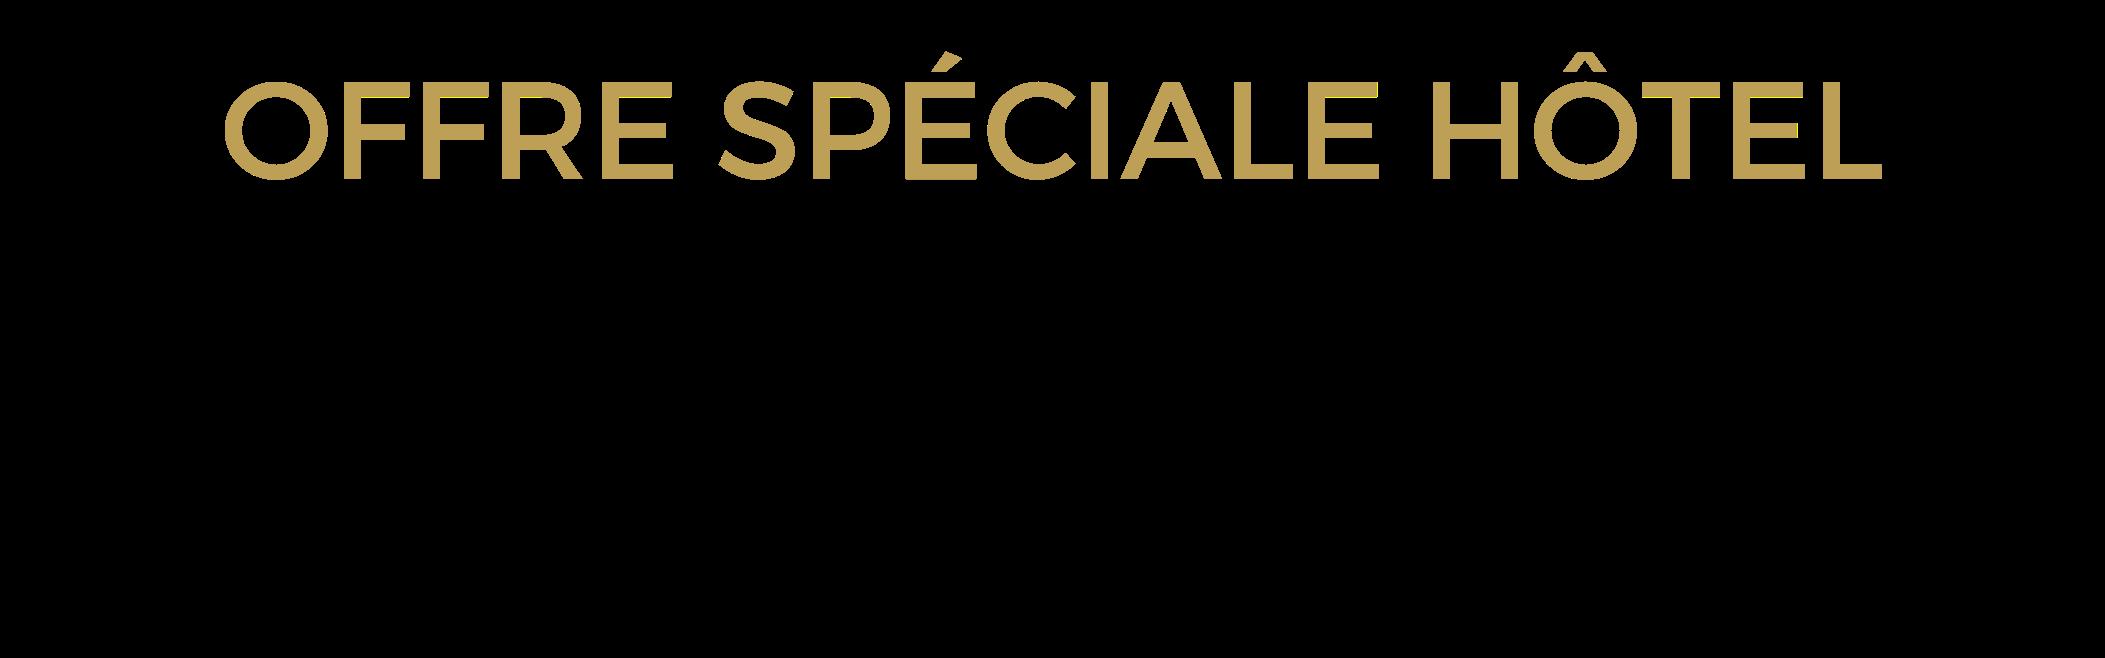 offre-speciale-confinement-titre